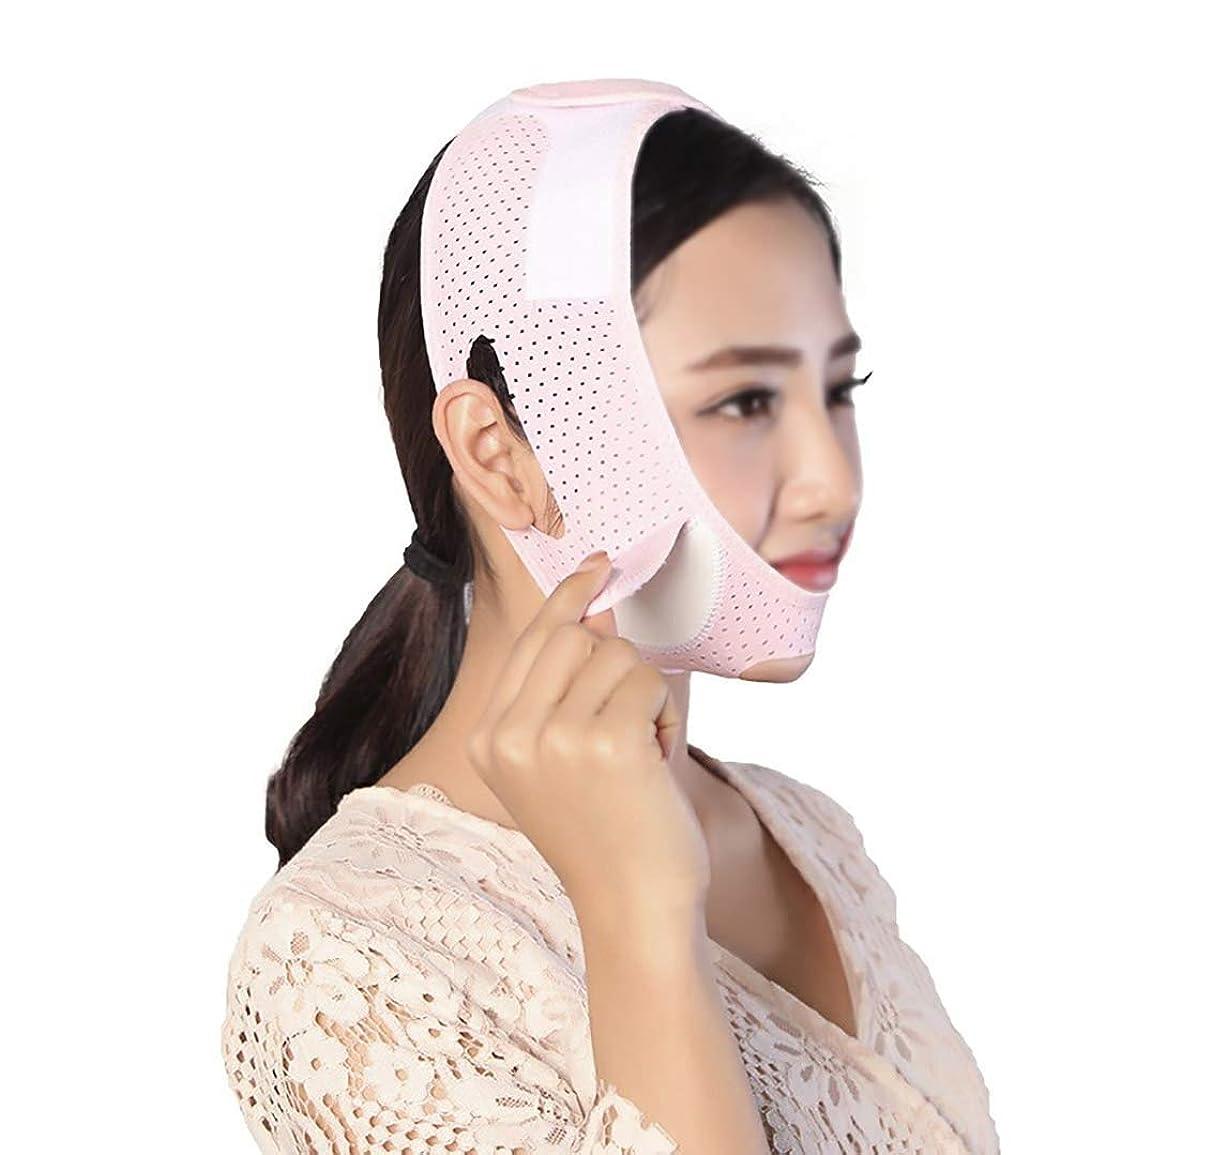 ノート劇的つぼみ顔と首を持ち上げる術後弾性セットVフェイスマスクは、チンV顔アーティファクト回復サポートベルトの収縮の調整を強化します。